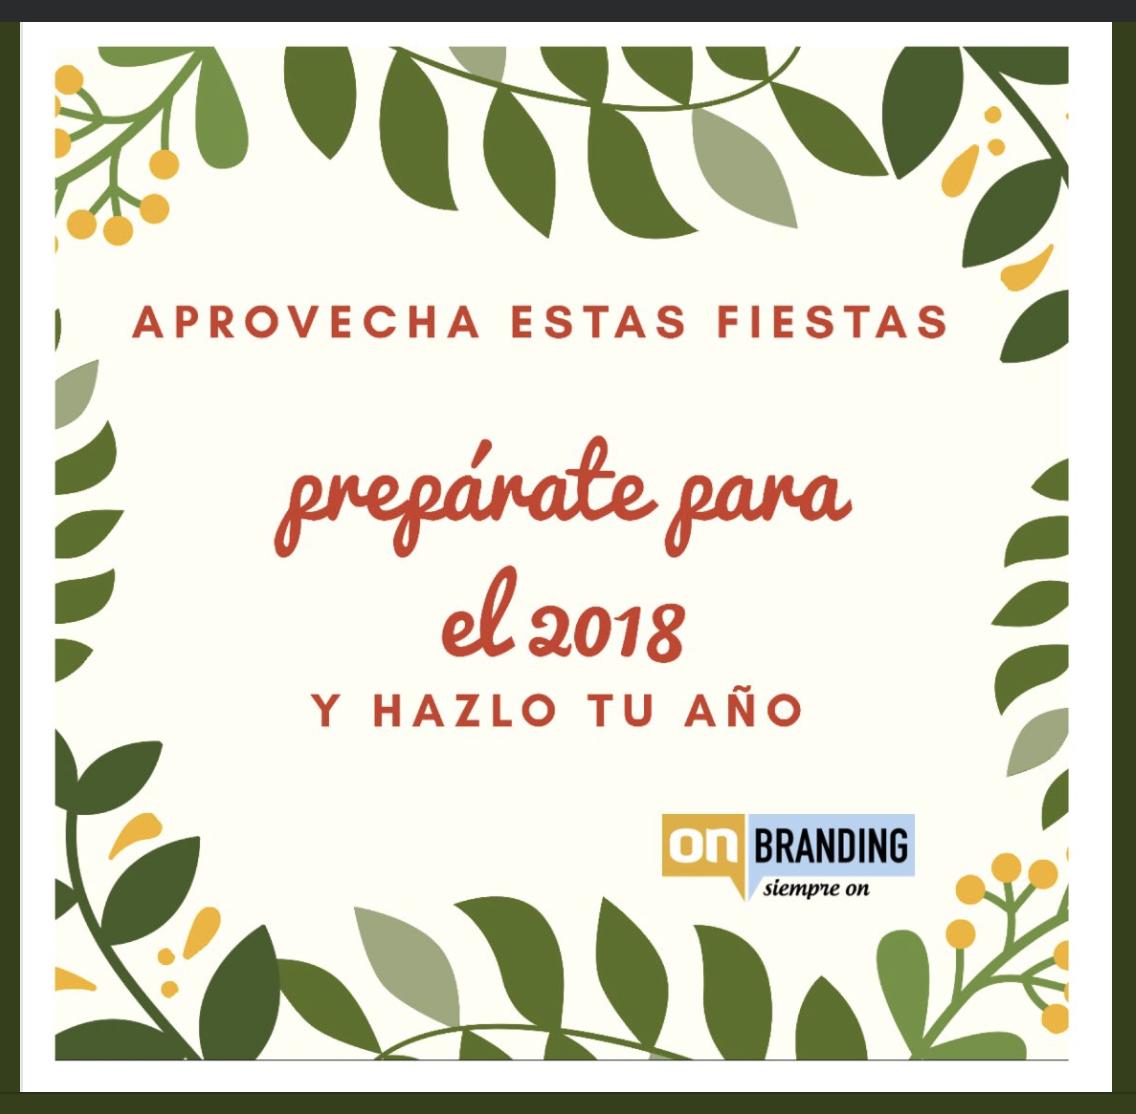 Felices Fiestas y prepárate para el 2018